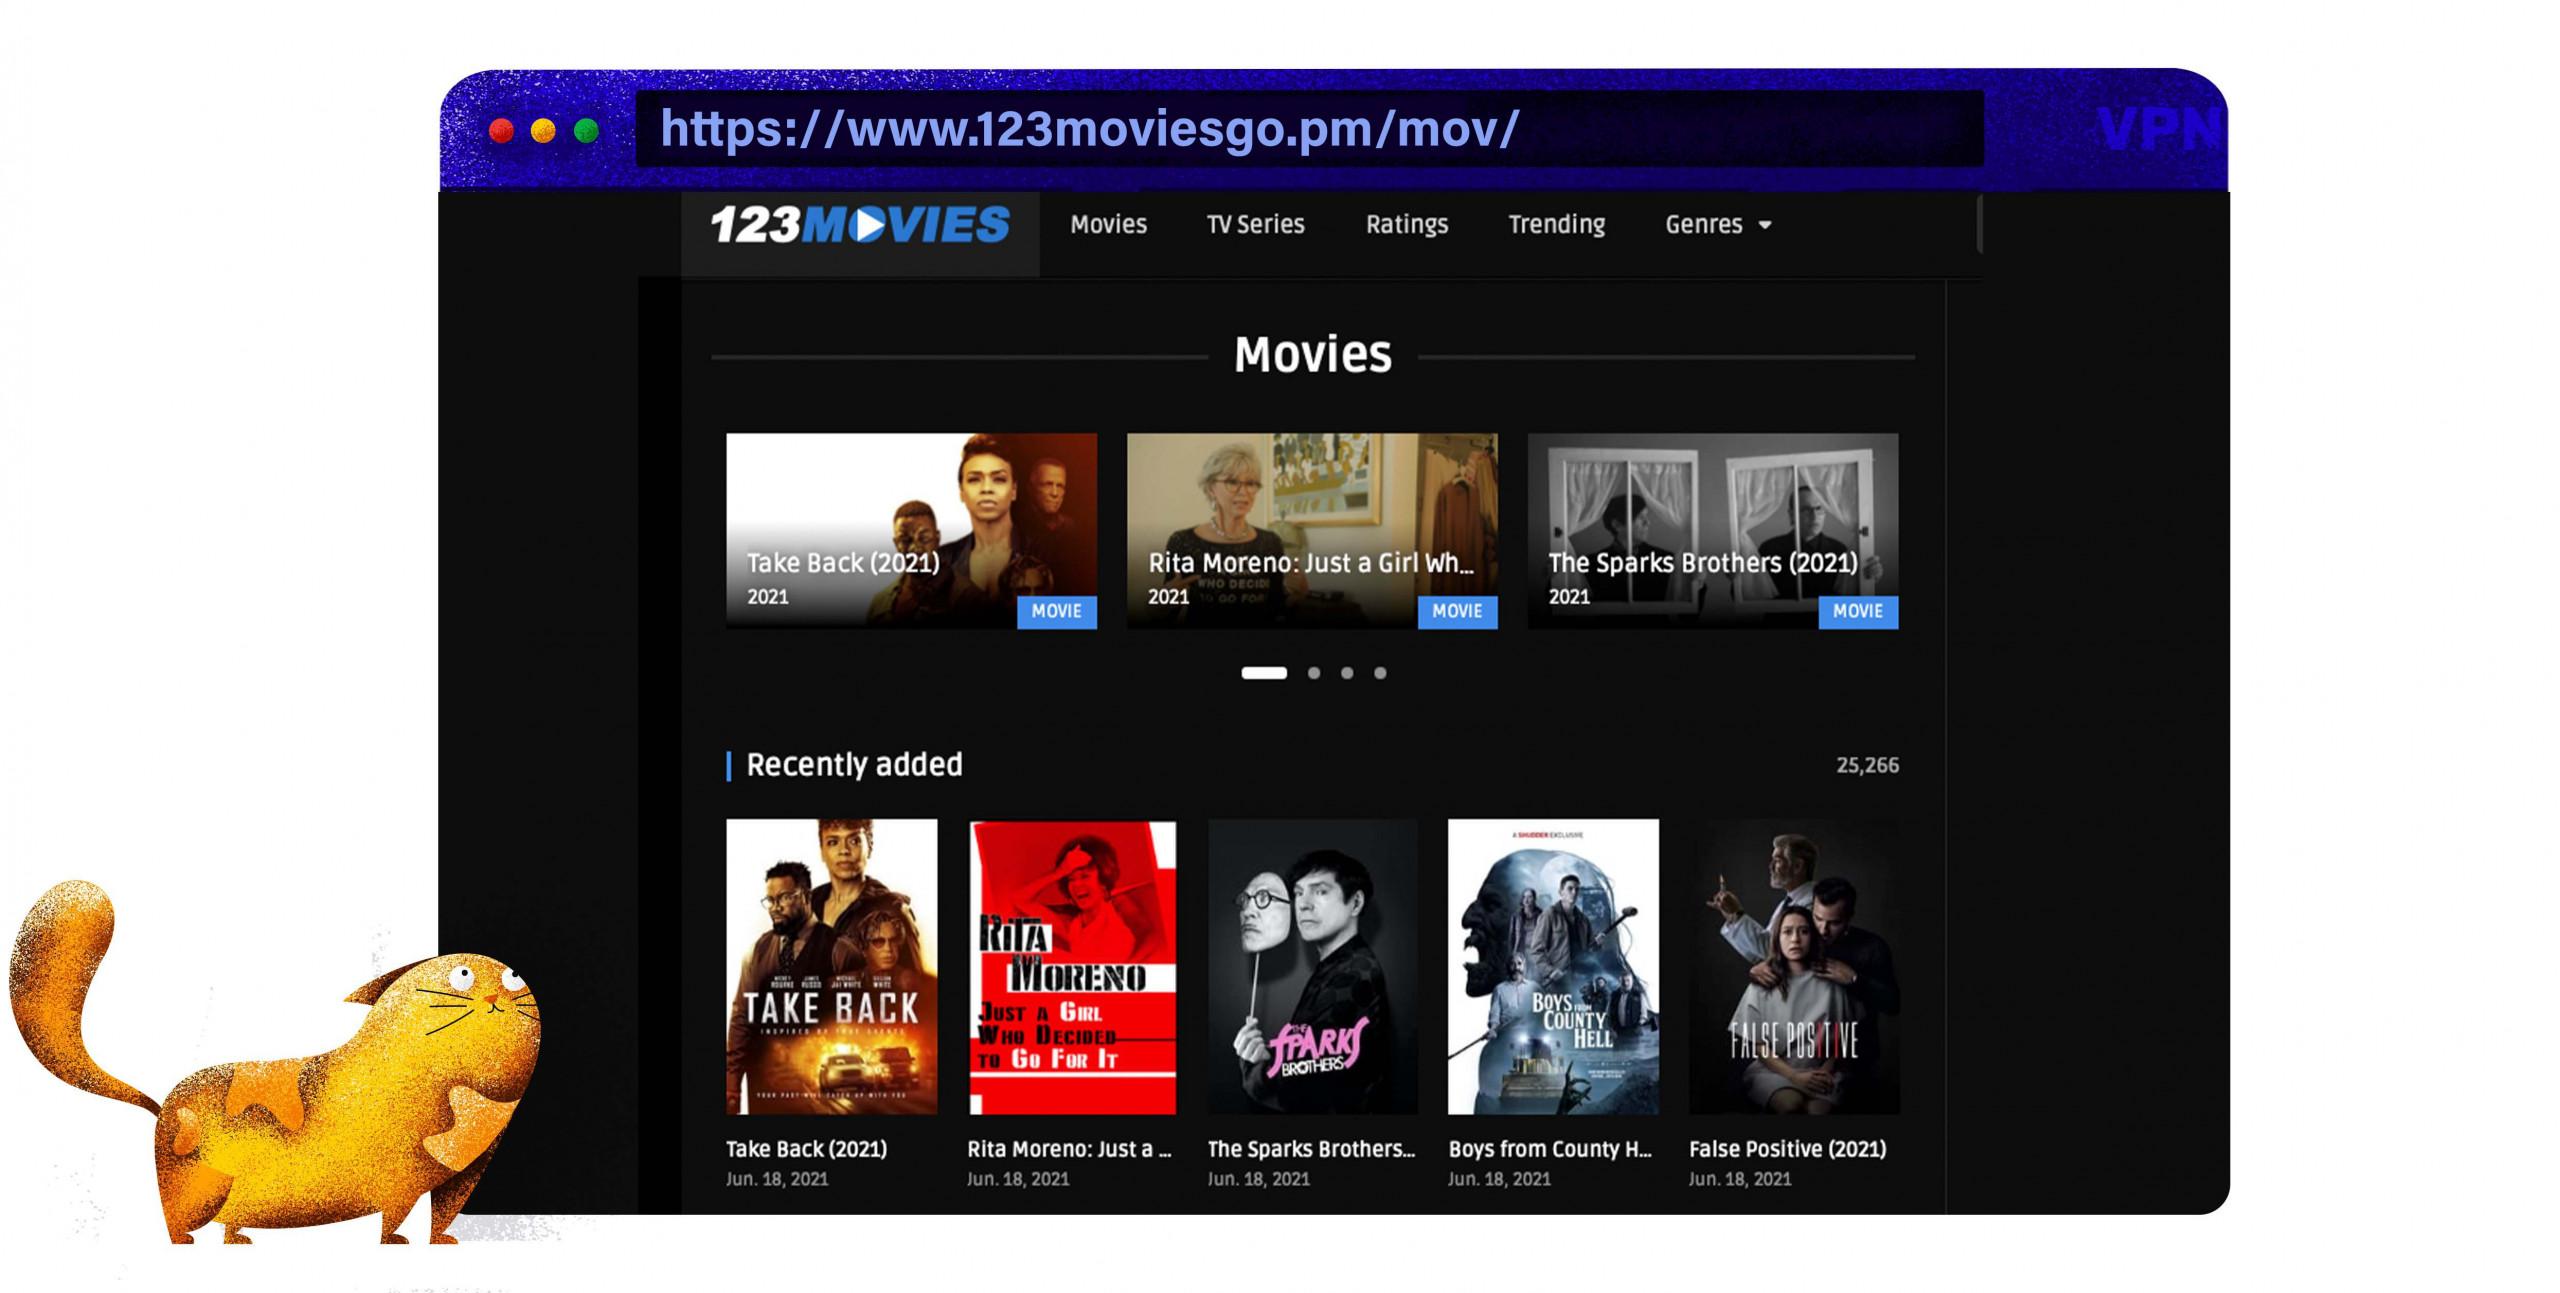 Użyj 123Movies jako alternatywy dla putlocker do oglądania filmów i seriali